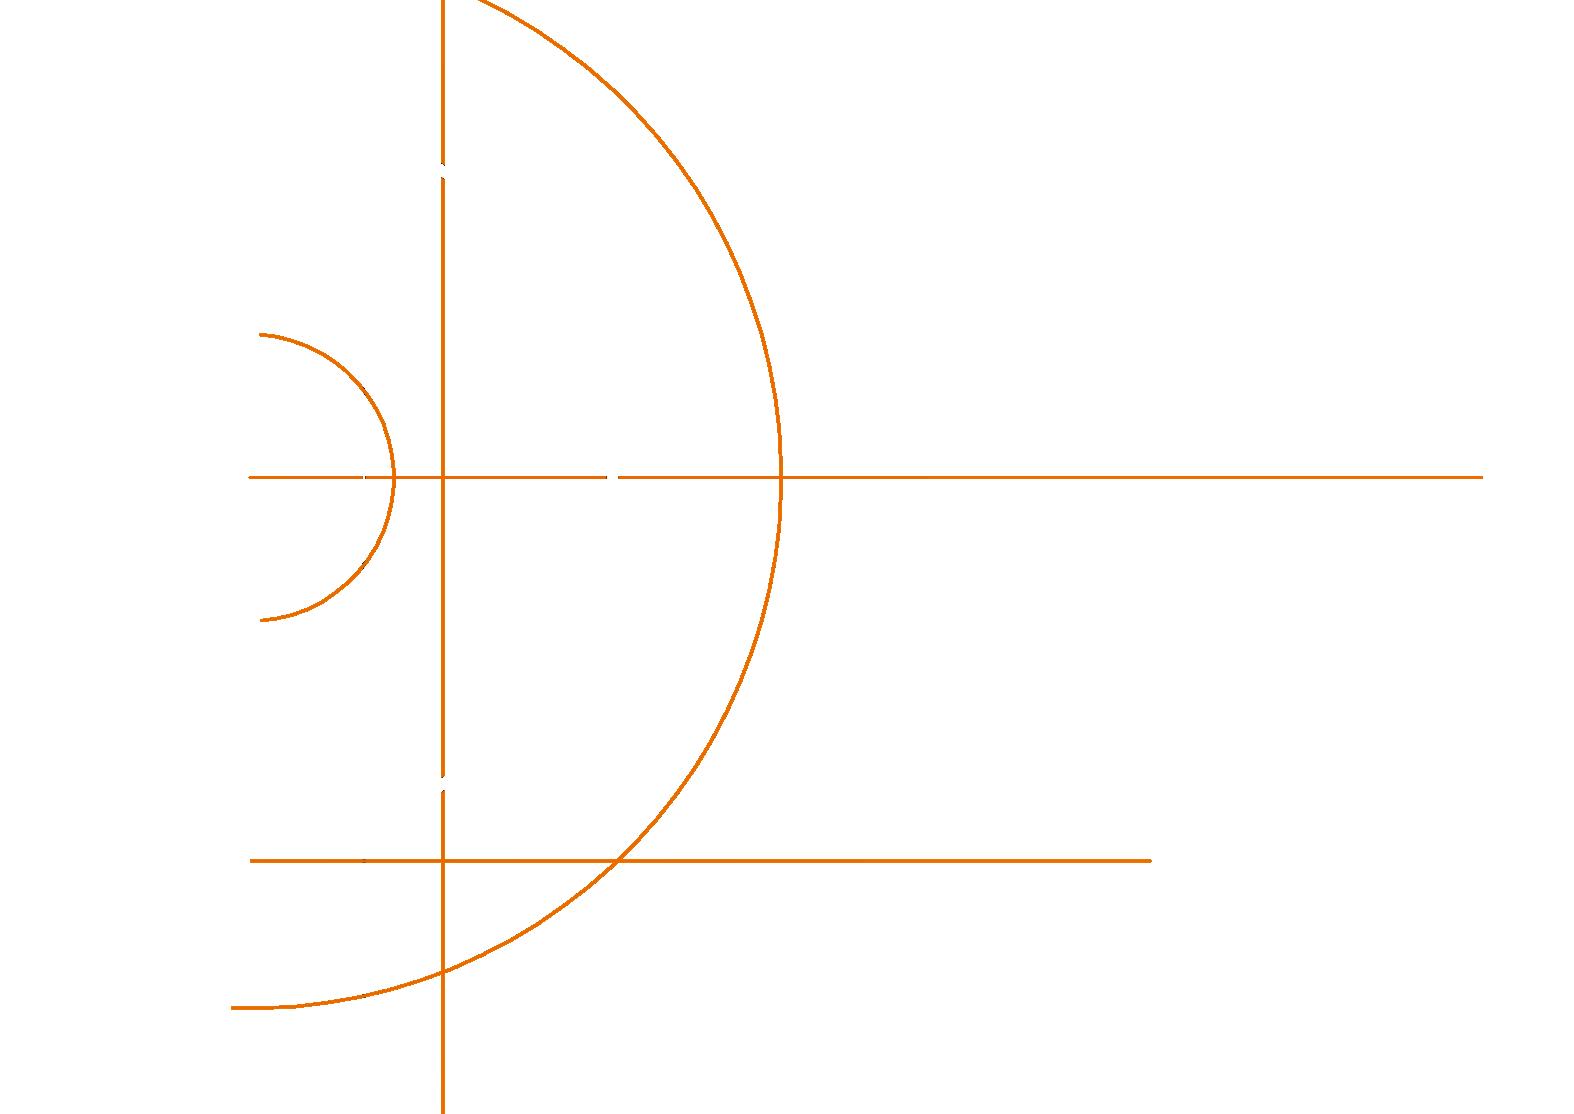 Serrurier Lorient en ce qui concerne métallerie-serrurerie ploemeur lorient morbihan bretagne - metal